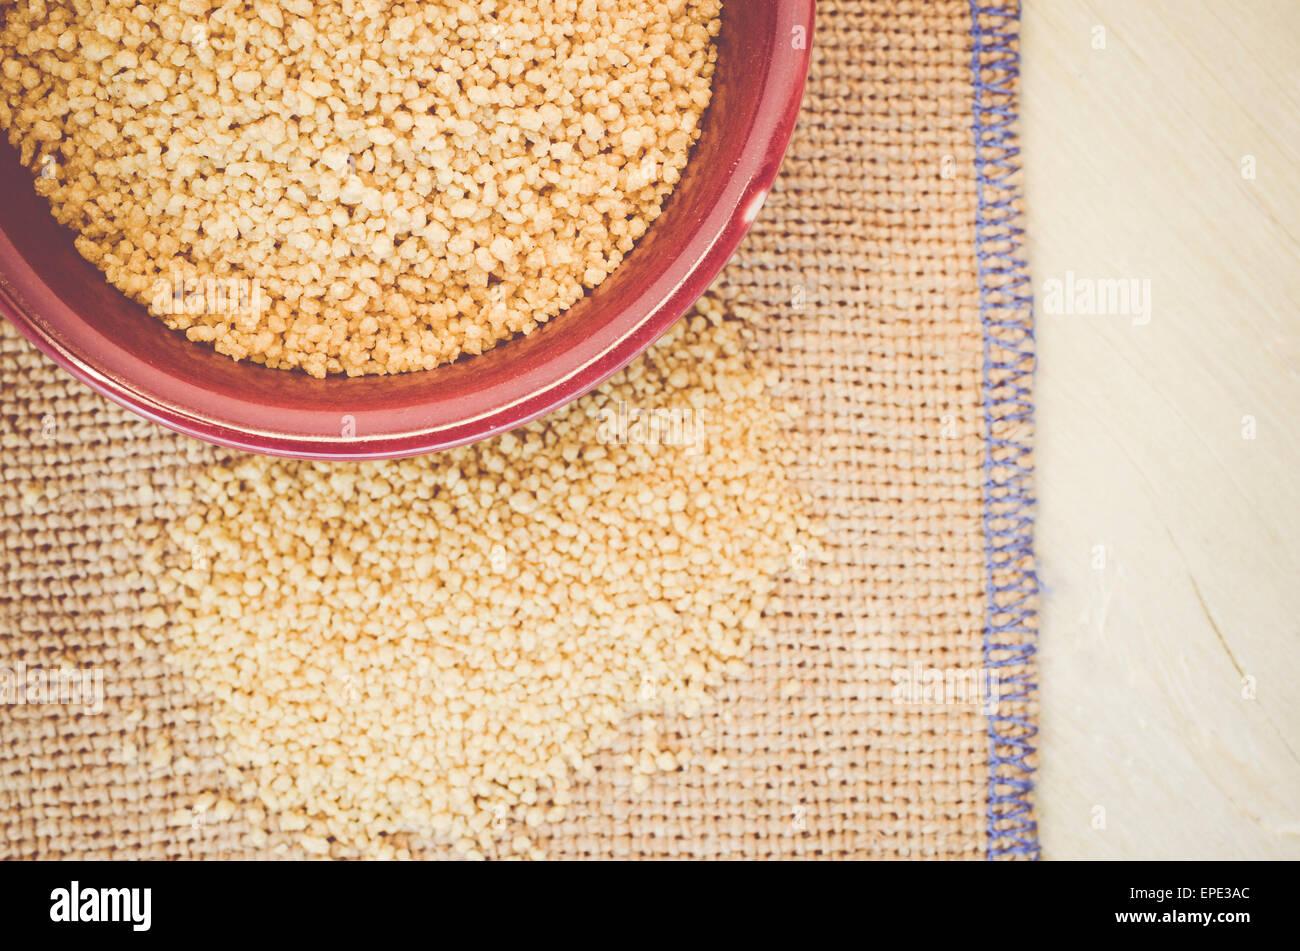 Les grains de couscous dans un bol en porcelaine marron sur une surface de toile Photo Stock